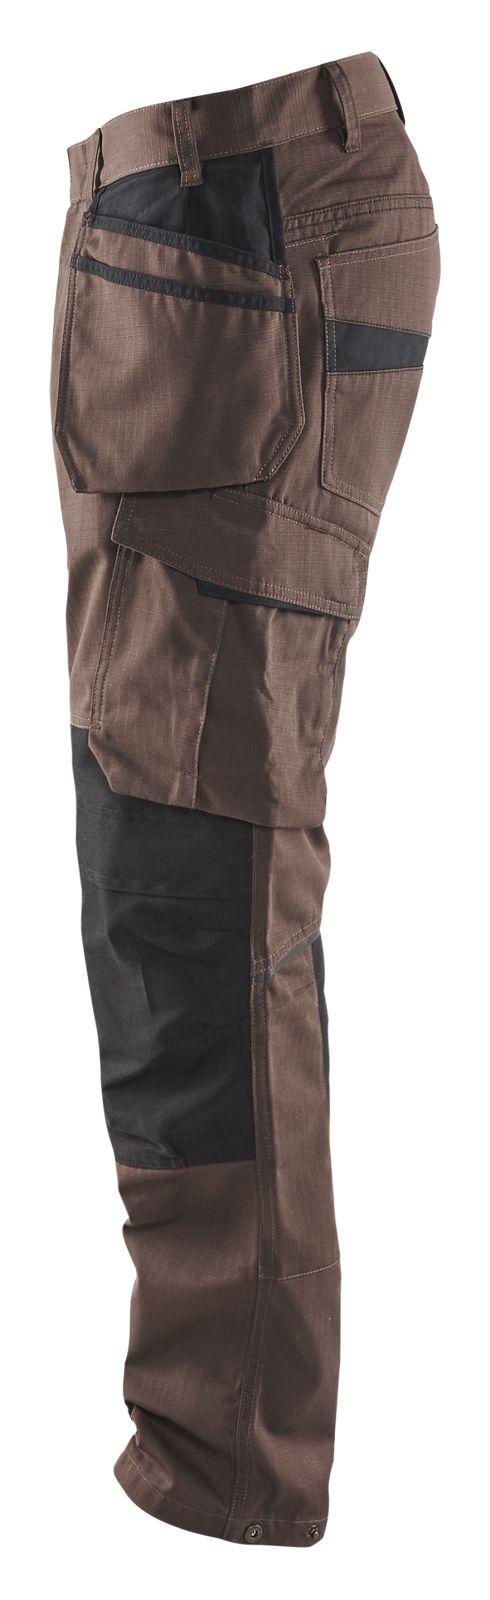 Blaklader Broeken 14961330 met Stretch bruin-zwart(7899)